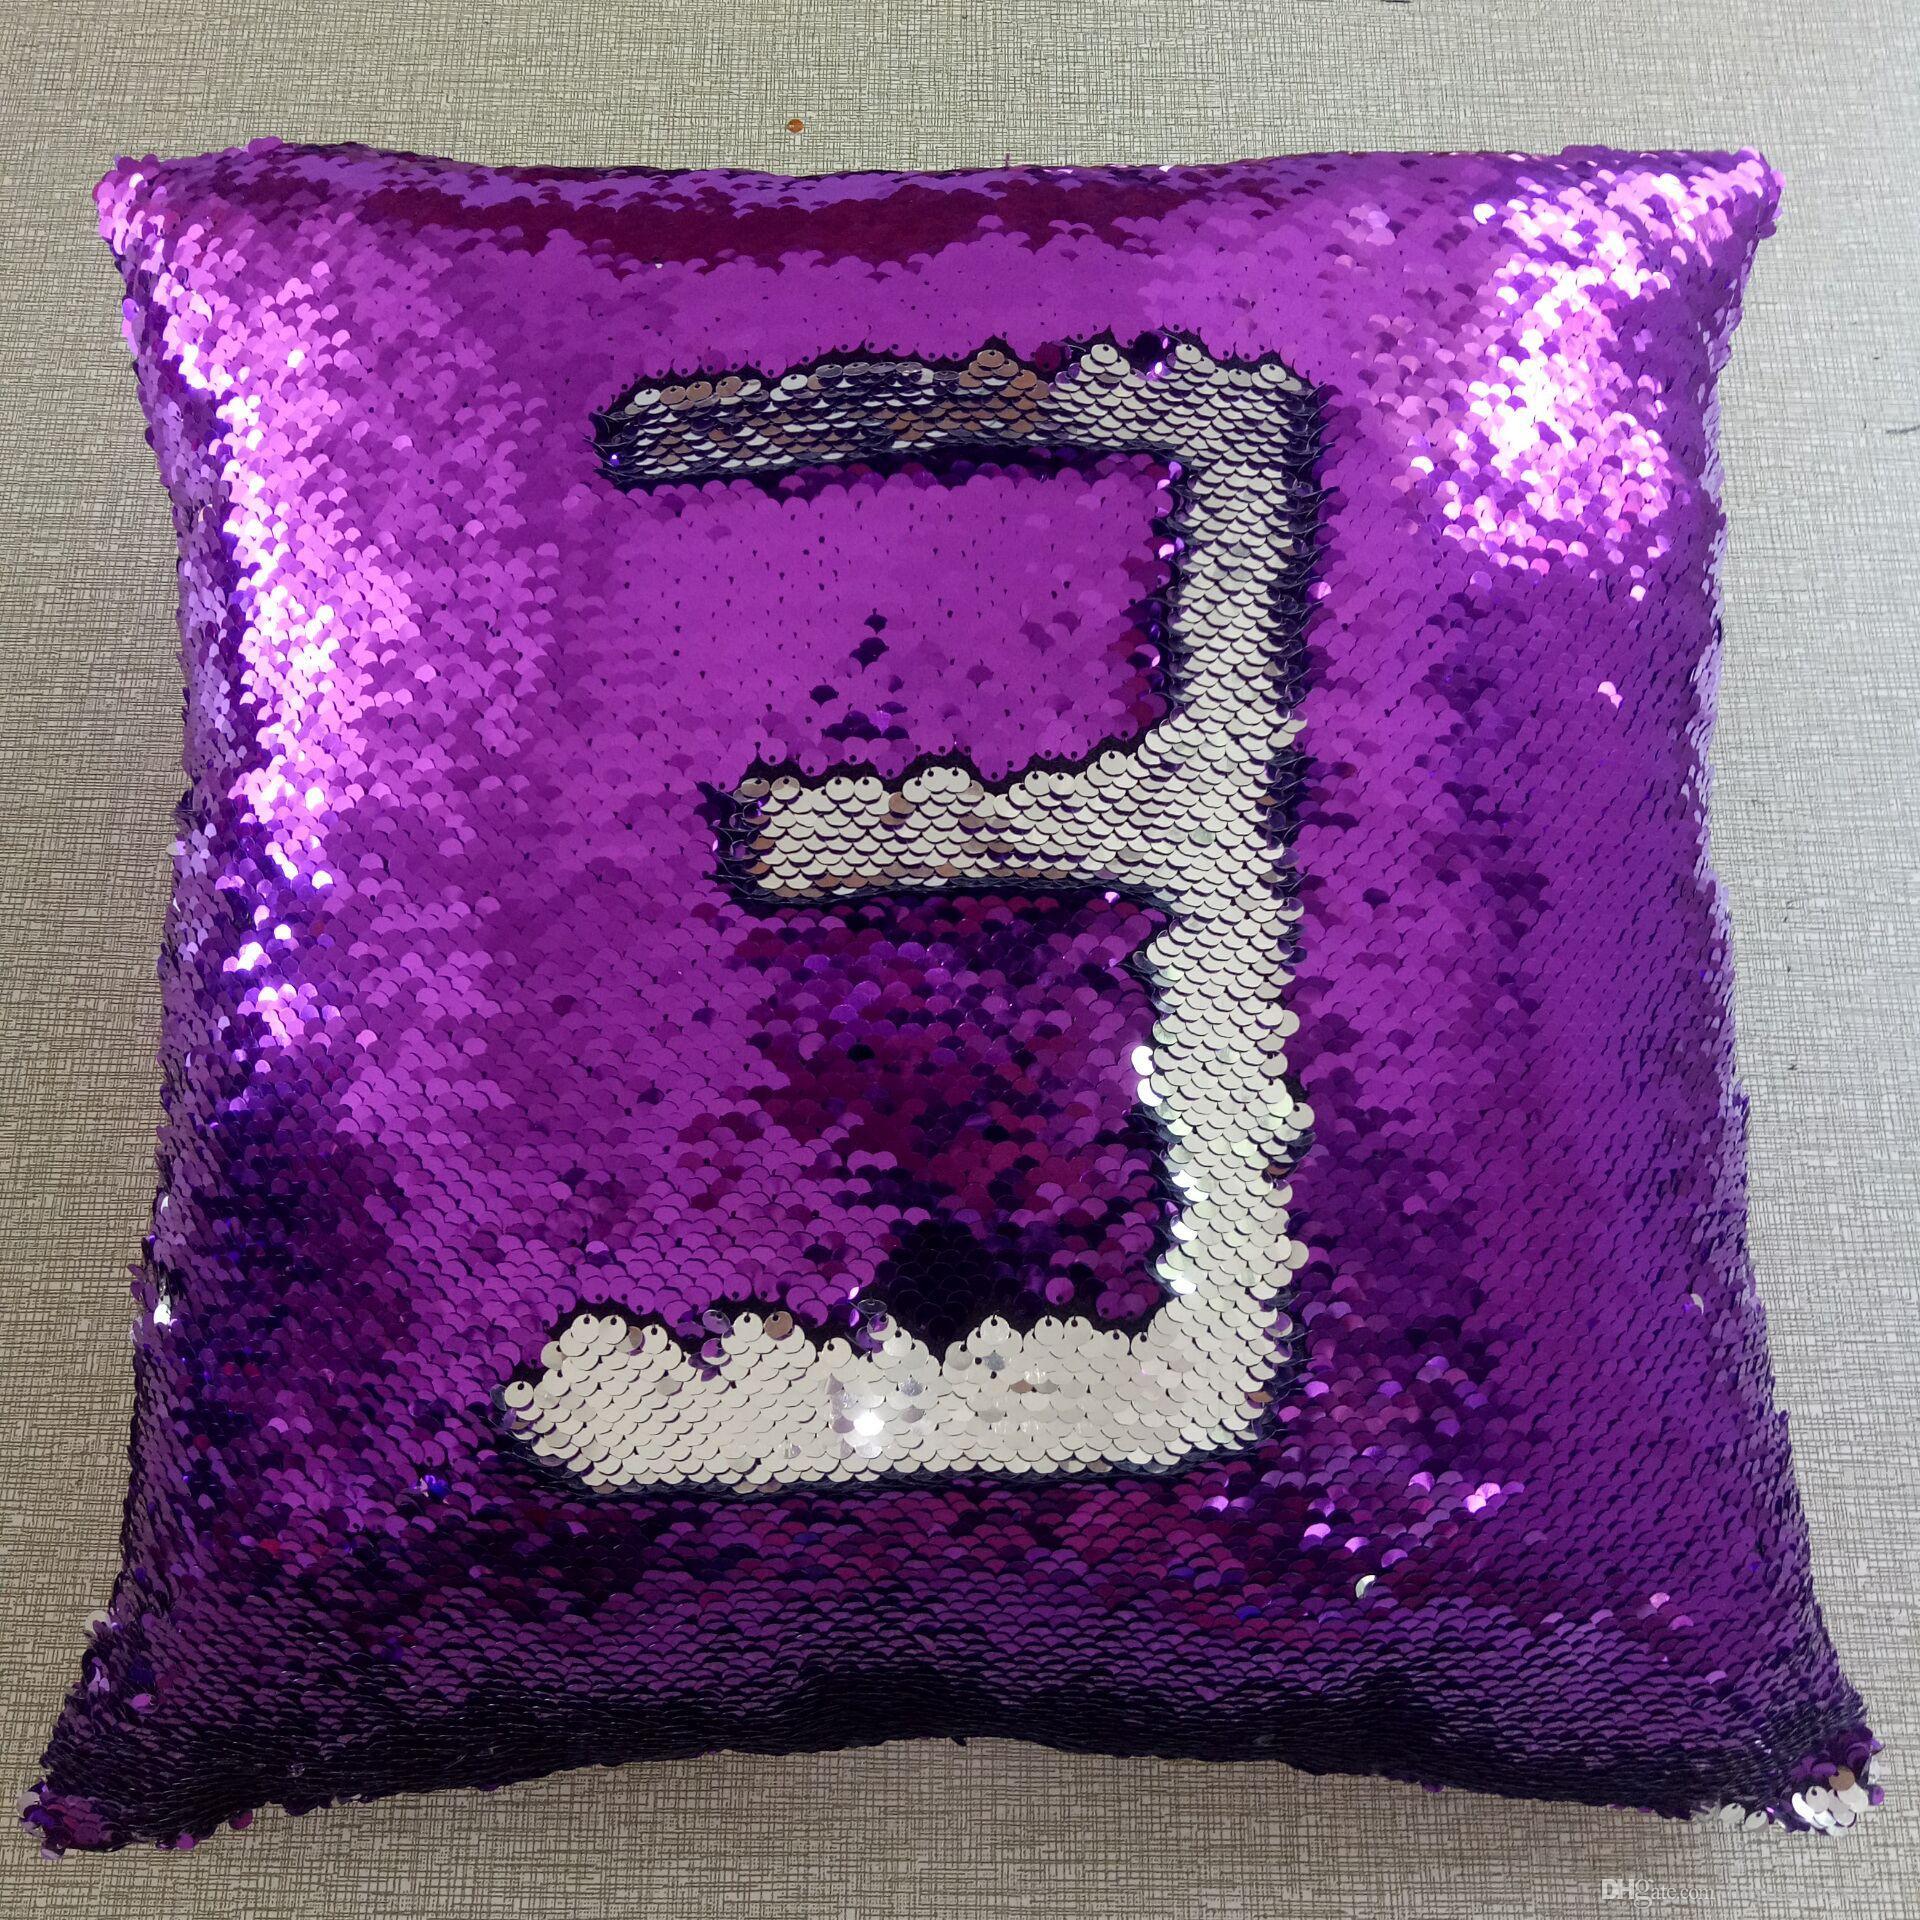 40 * 40 cm Hi Numero Reversibile Paillettes Sirena Cuscino Tiro Cuscino Auto Decorazione Della Casa Divano Decor Federa Decorativa